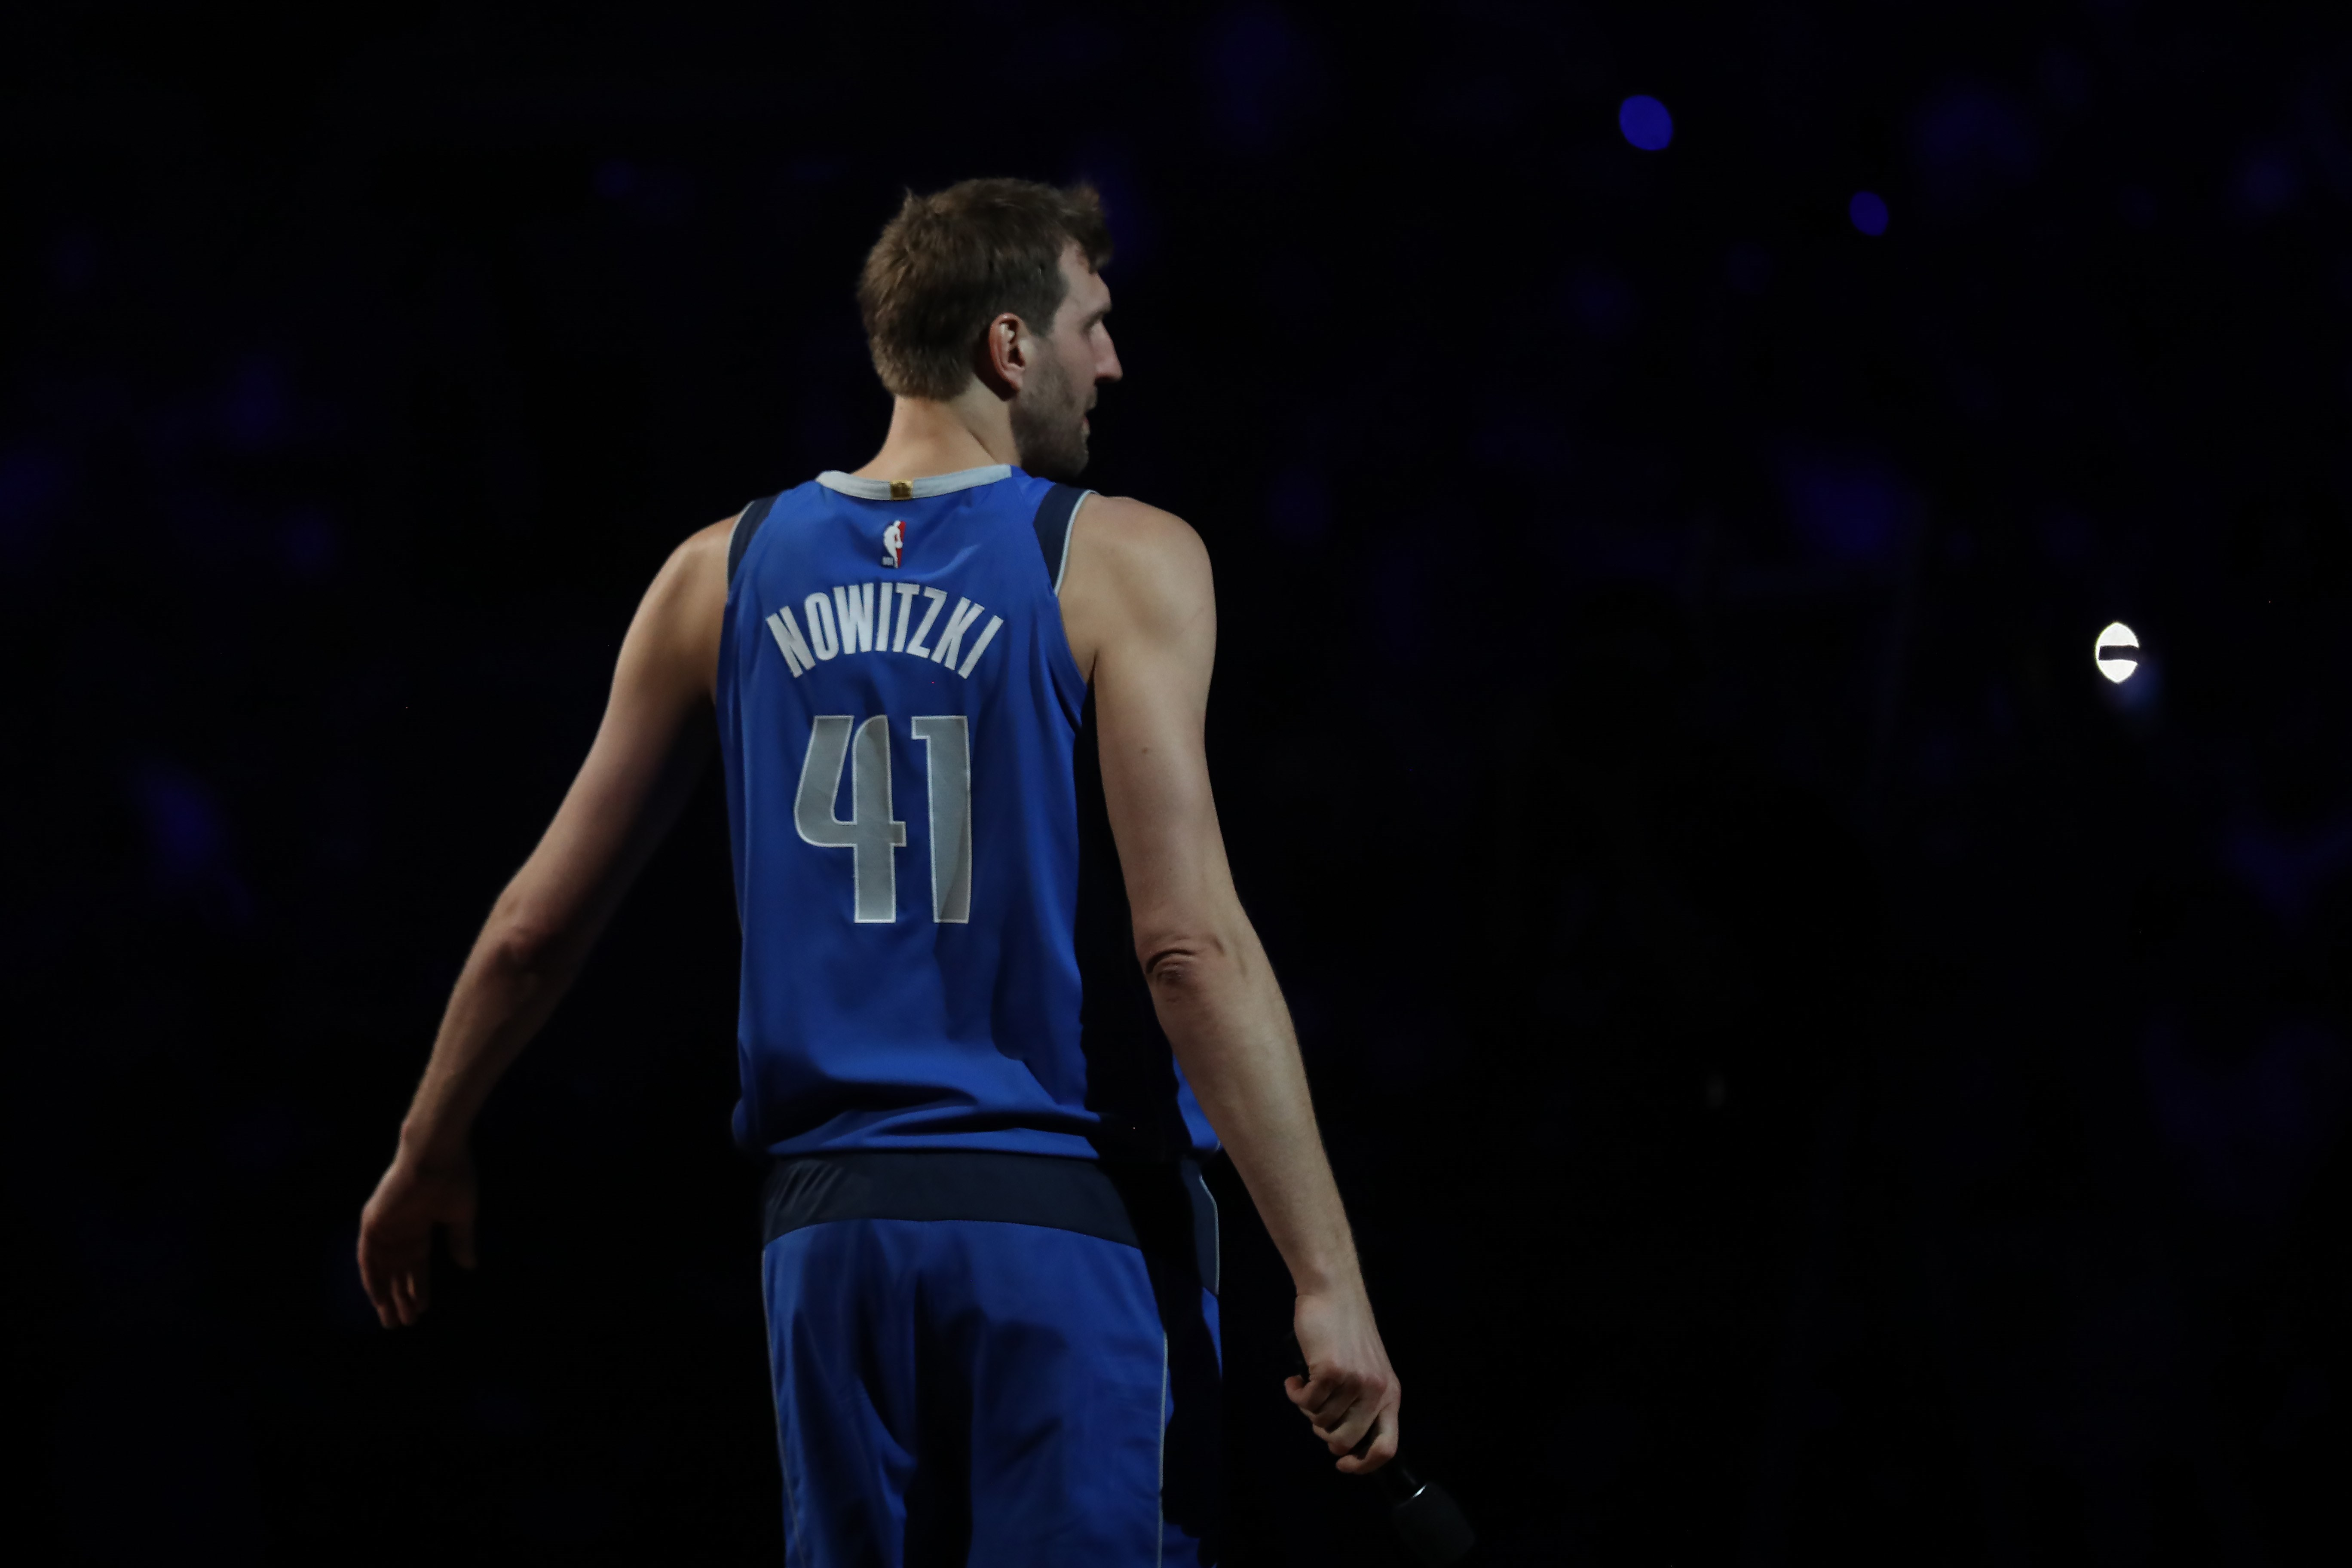 El alemán Dirk Nowitzki se retira de la NBA. (Foto Prensa Libre: AFP)